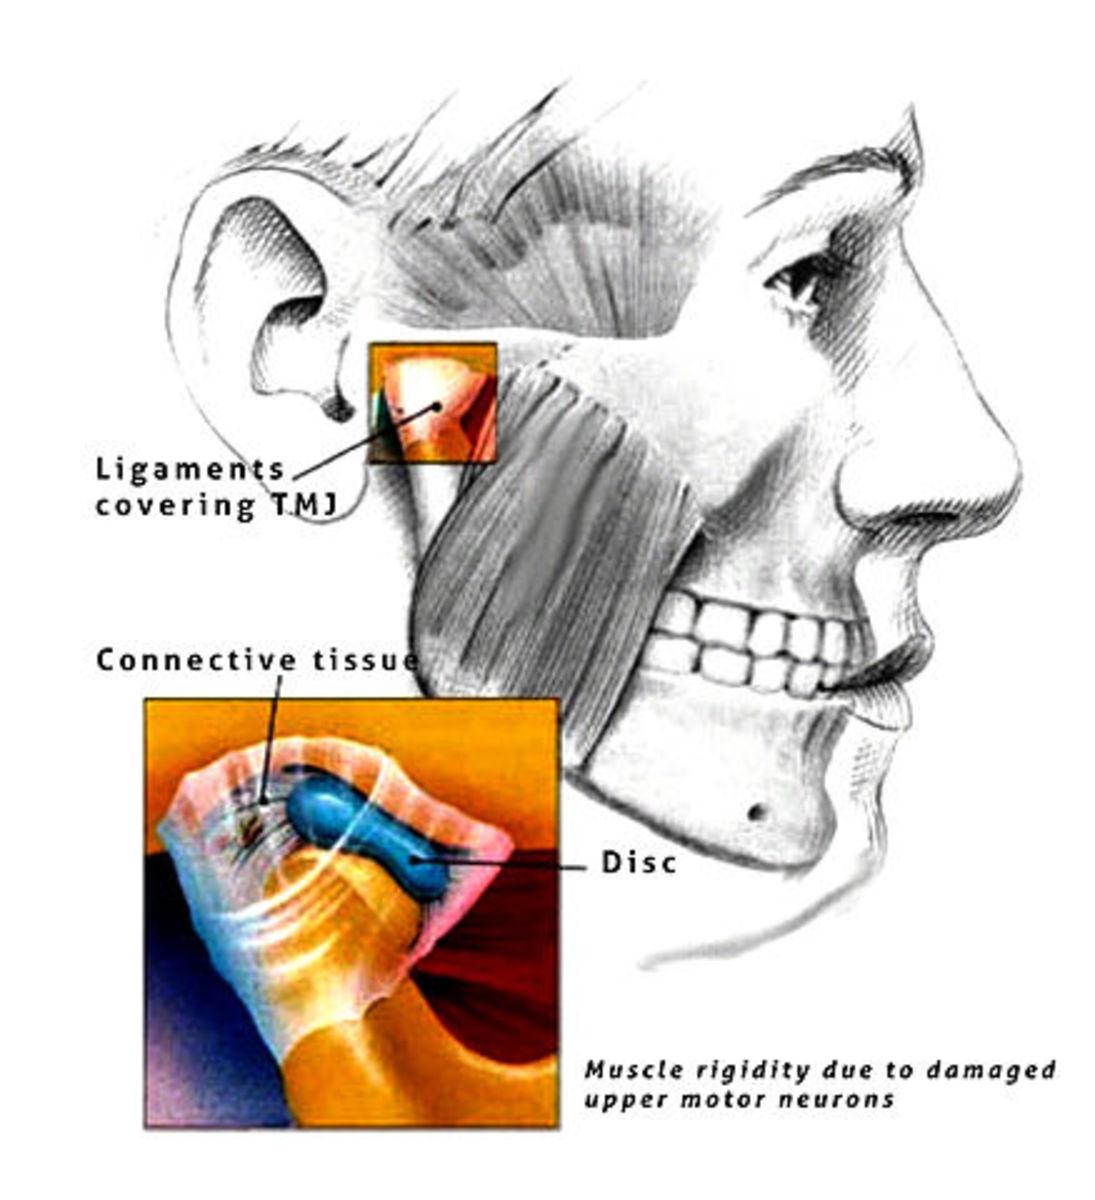 Lock-jaw or trismus